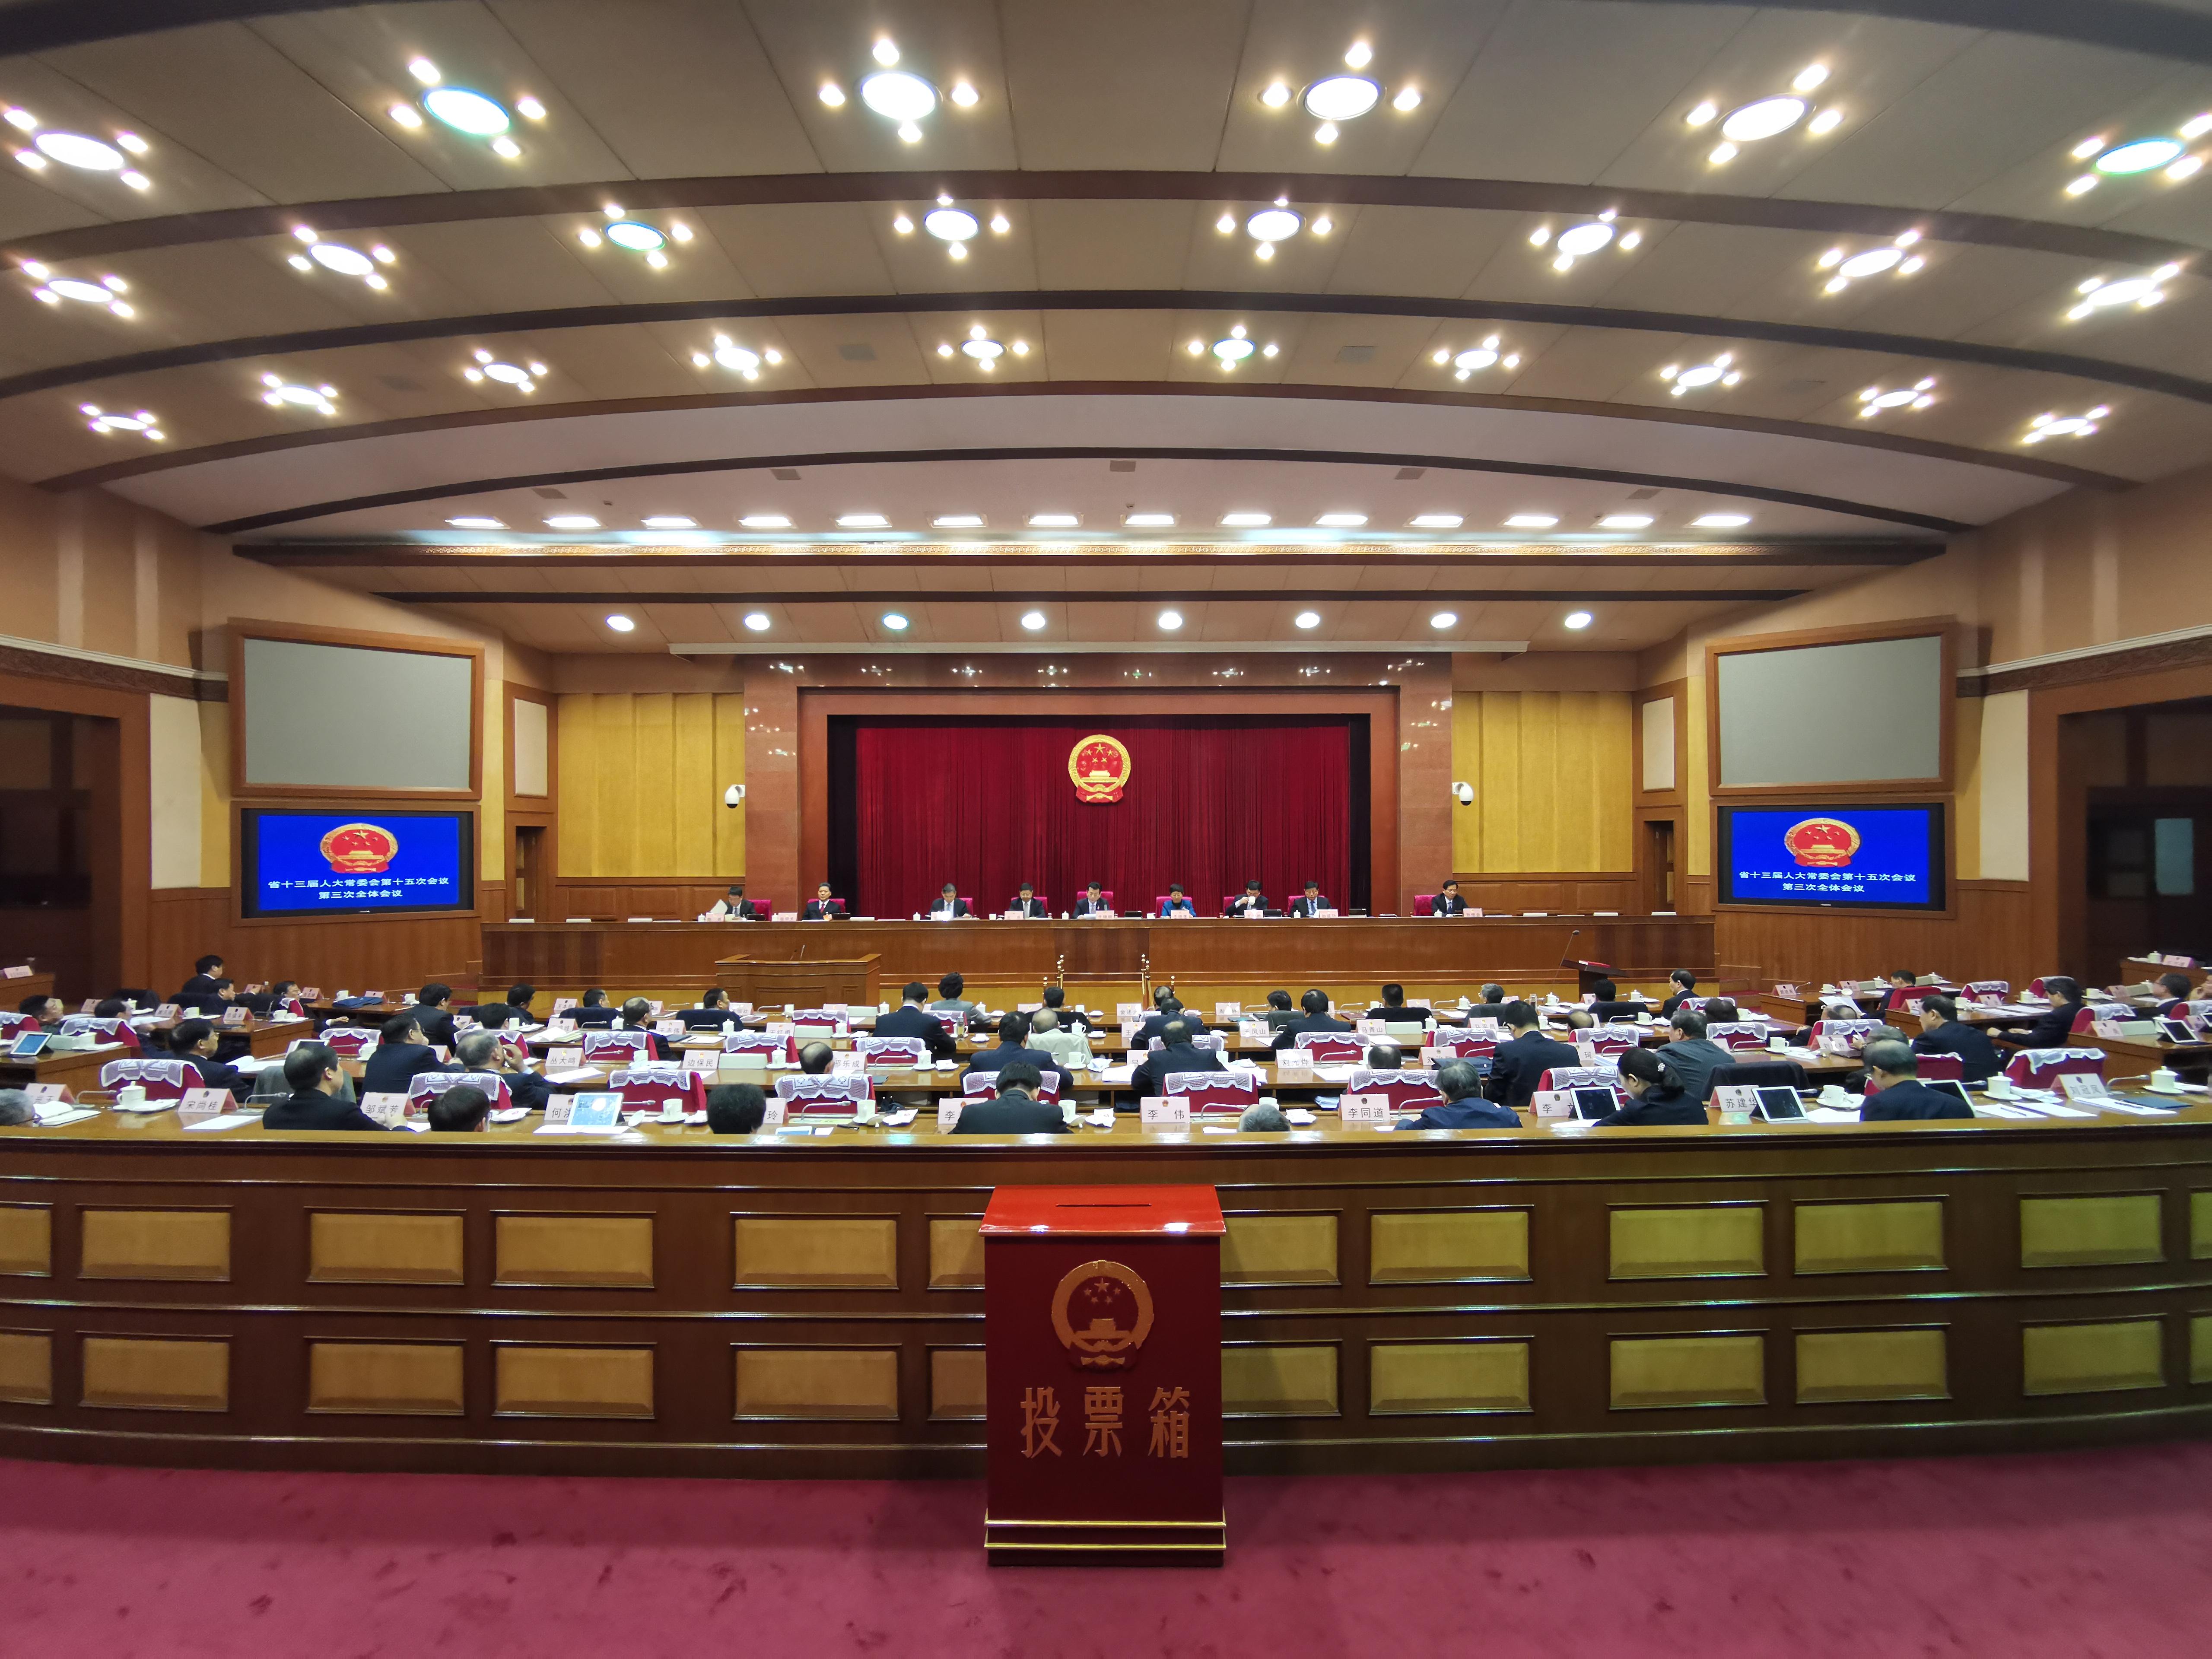 山东省第十三届人民代表大会第三次会议将于2020年1月中旬召开